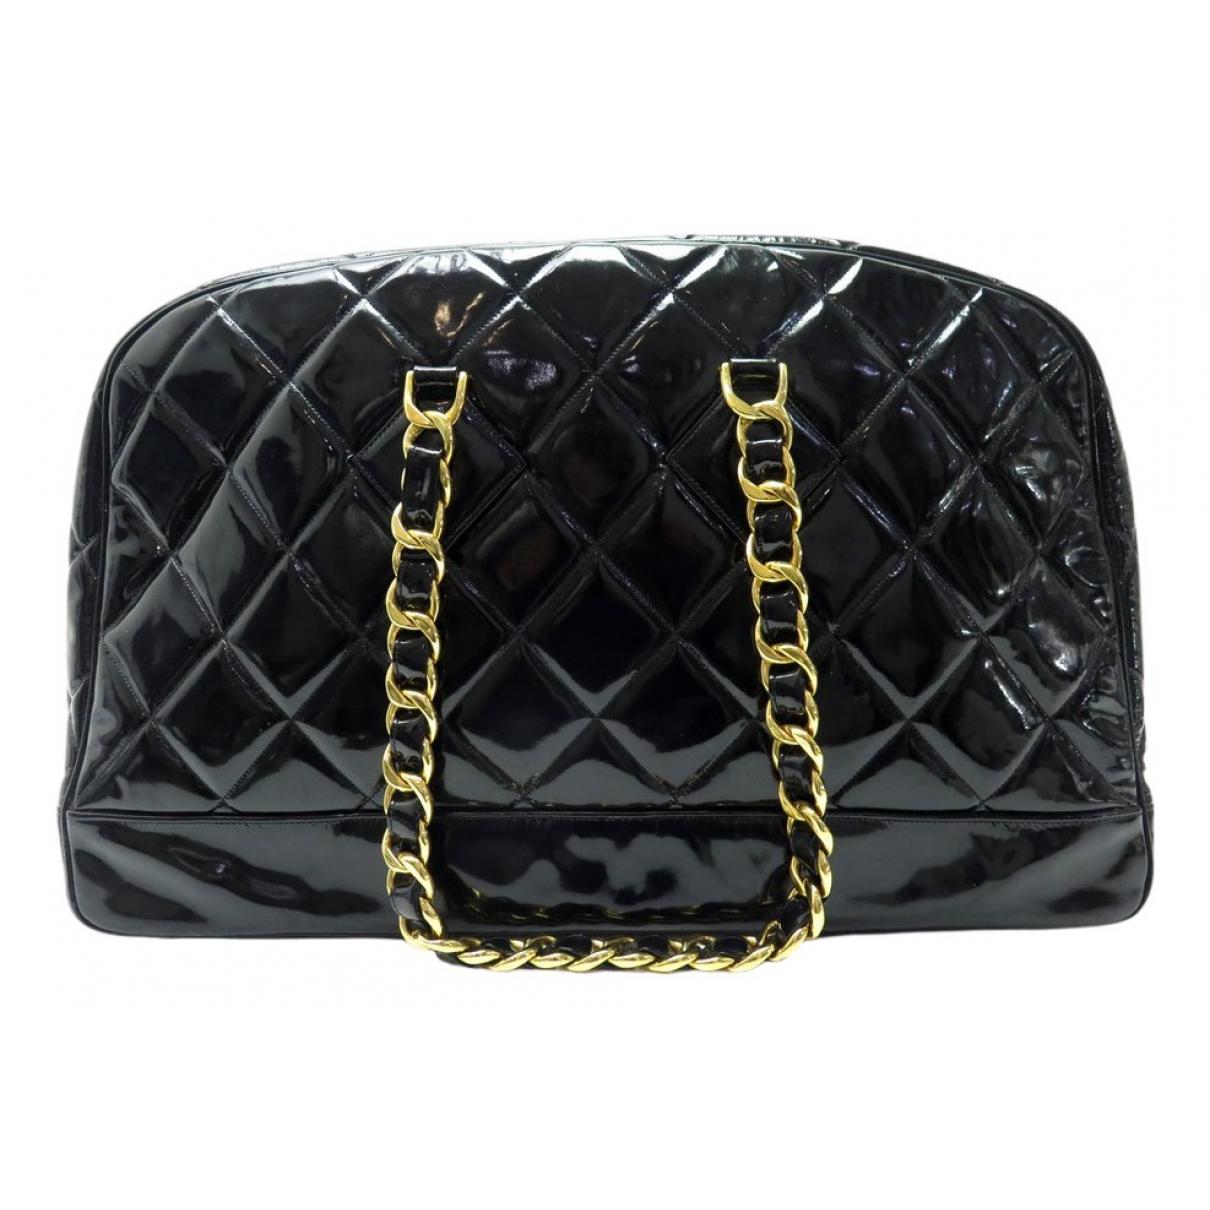 Chanel - Sac de voyage   pour femme en cuir verni - noir